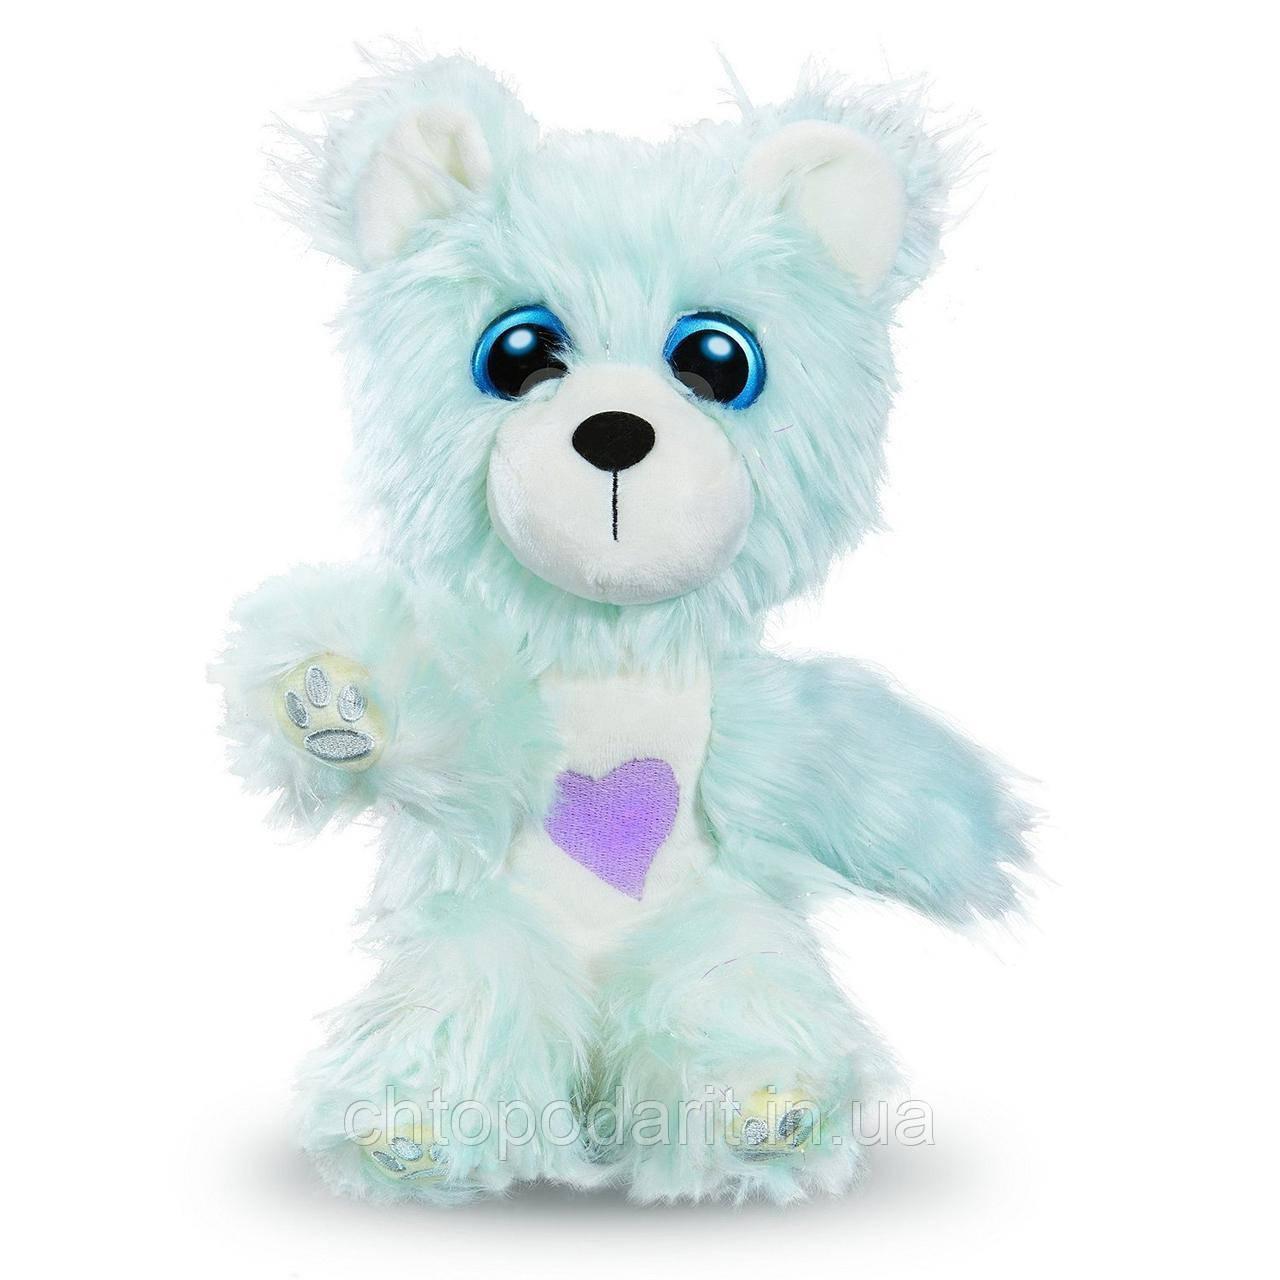 Пушистик потеряшка «Снежные друзья» игрушка сюрприз Scruff A Luvs Snow Pals Код 12-2118